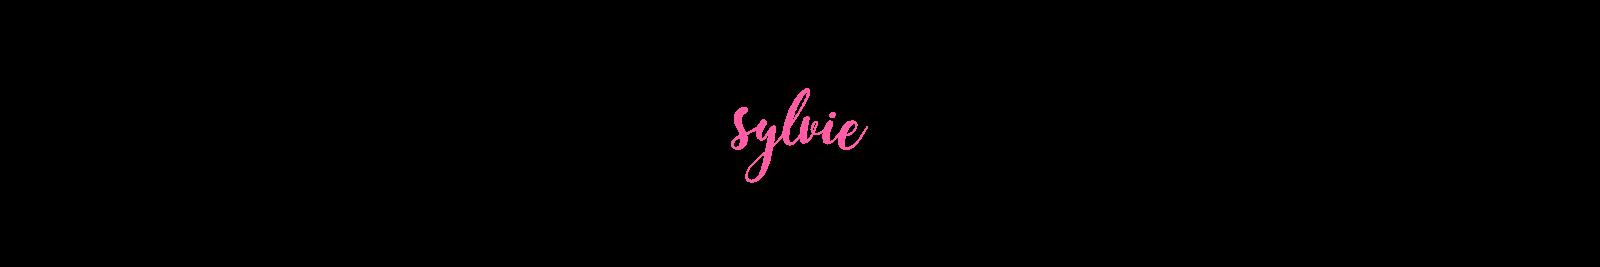 Style Sylvie